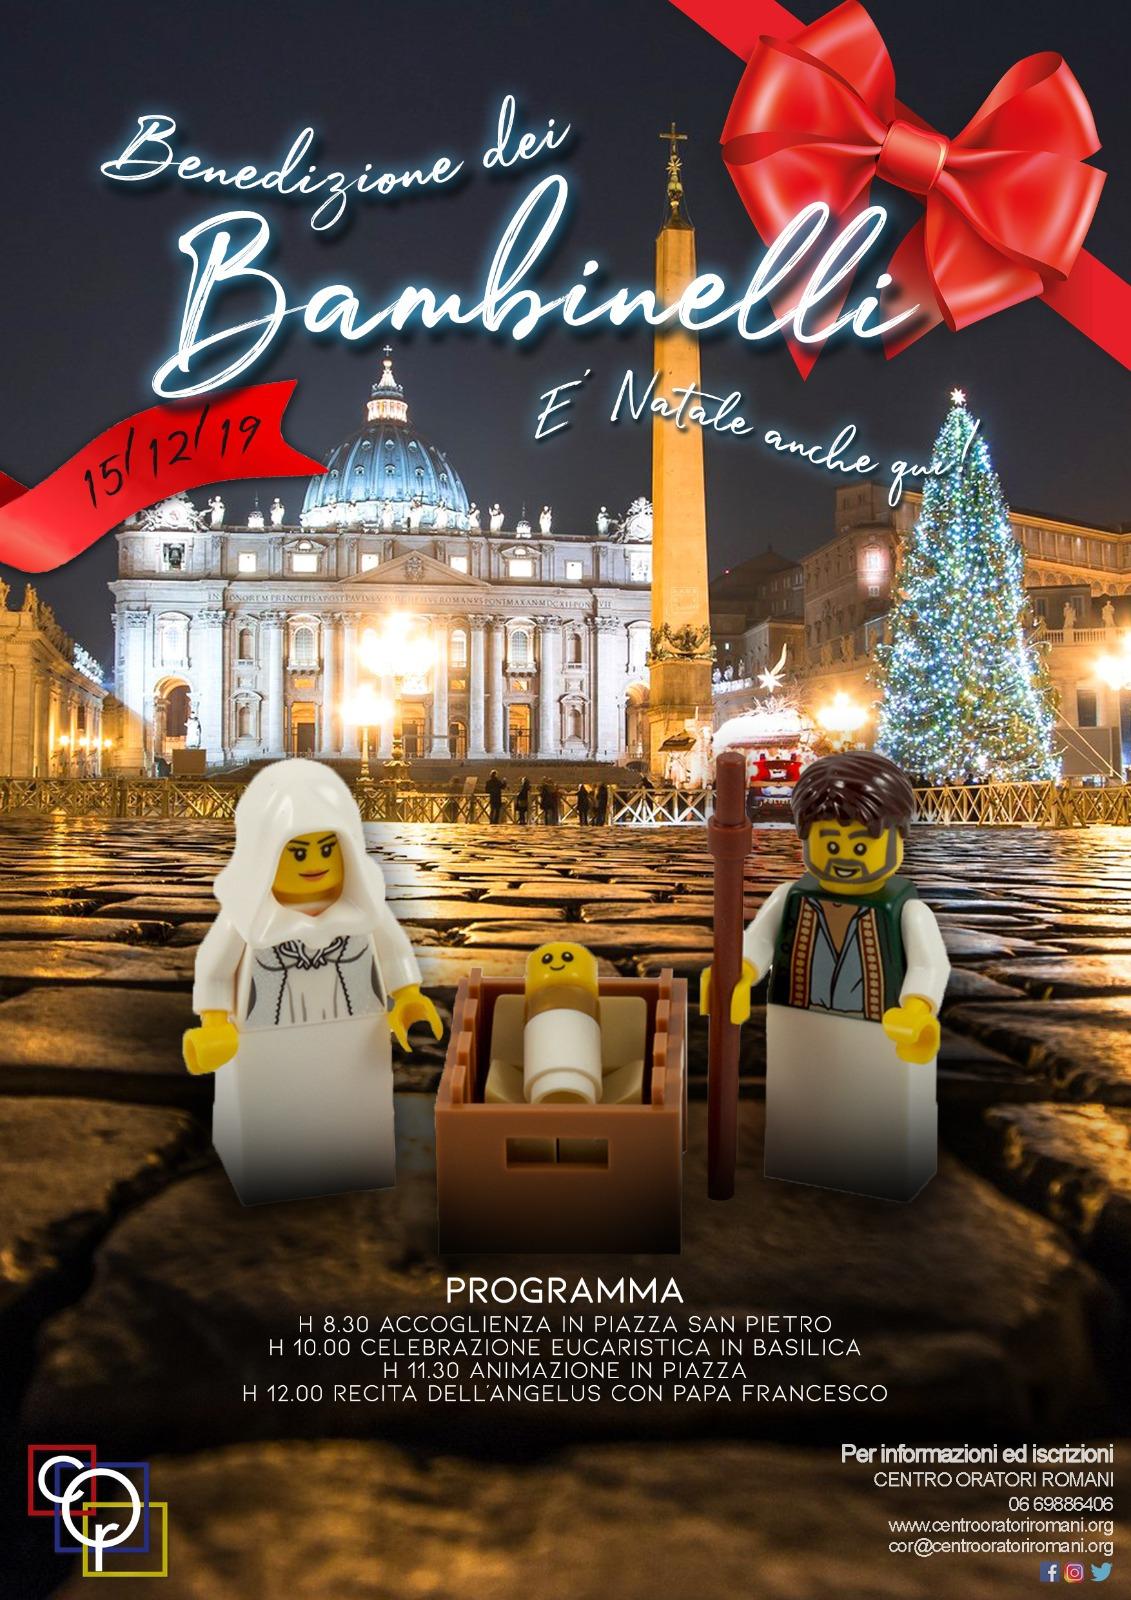 bambinelli_1_1fbc4b037976174e859830b503b662db